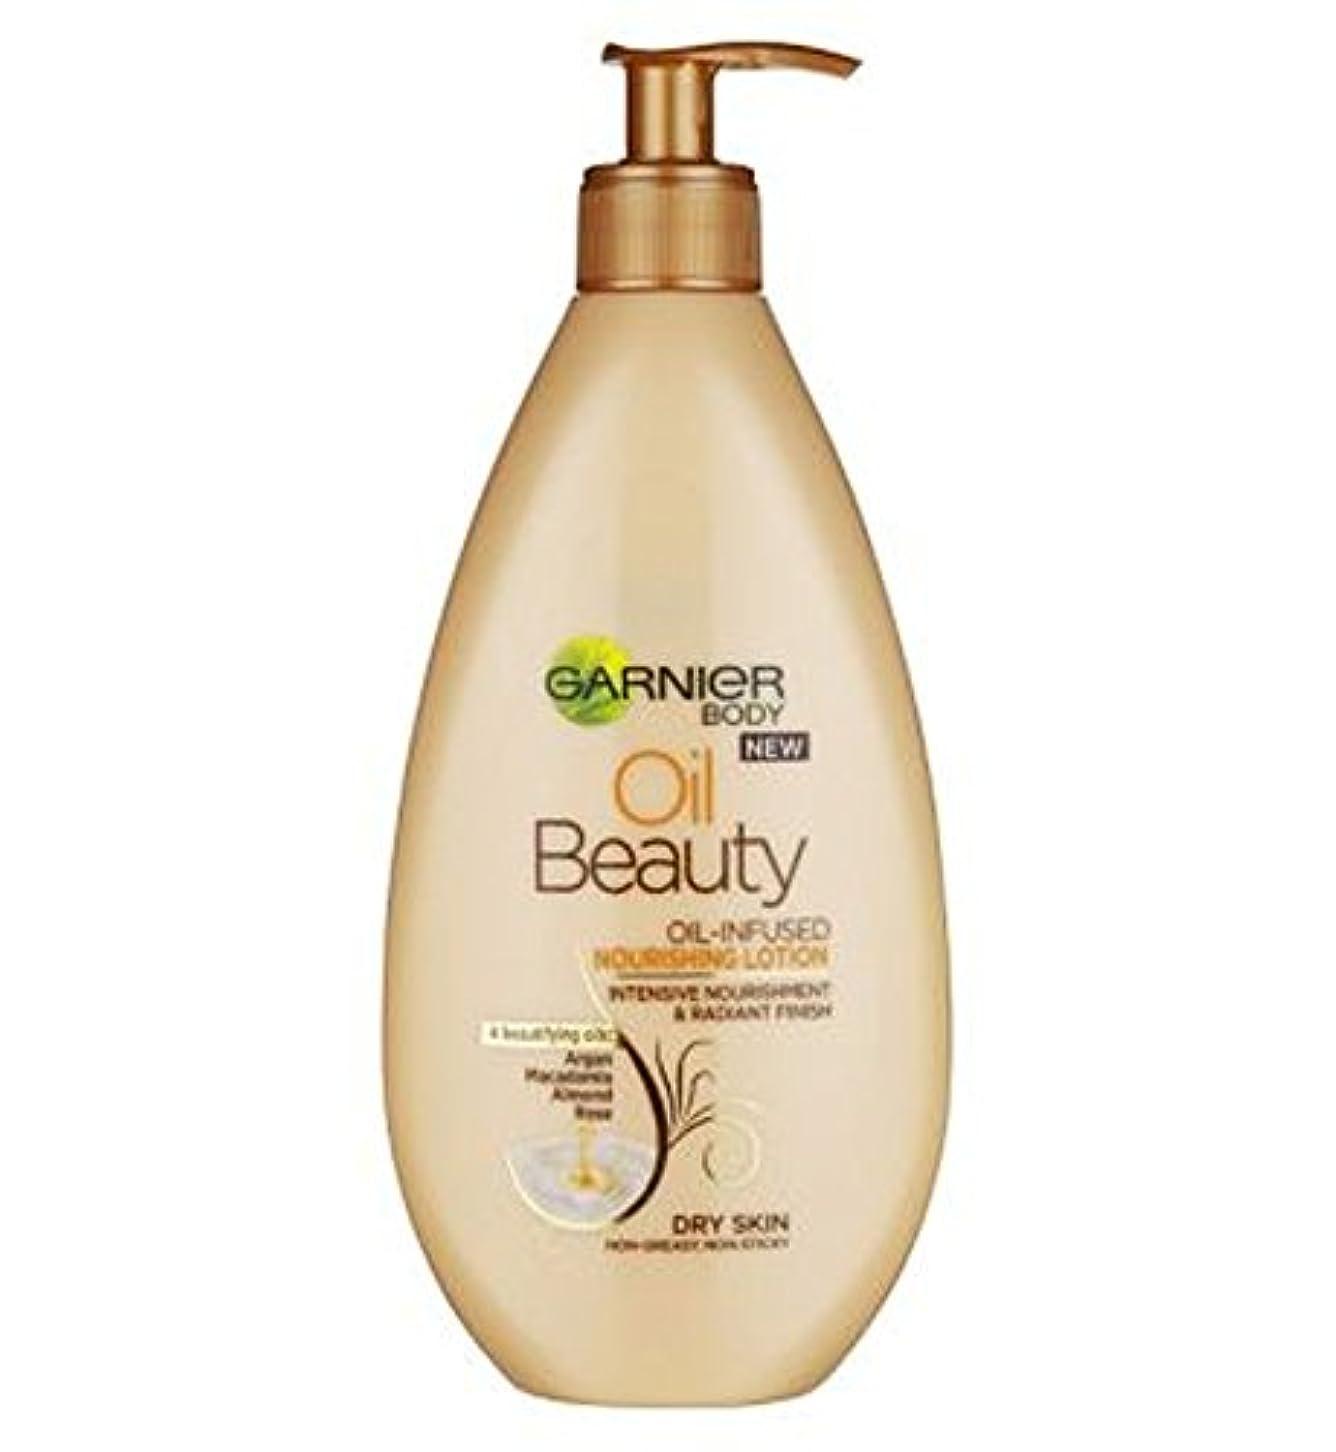 致命的な集団的ささやきガルニエ究極の美容オイル400ミリリットル (Garnier) (x2) - Garnier Ultimate Beauty Oil 400ml (Pack of 2) [並行輸入品]